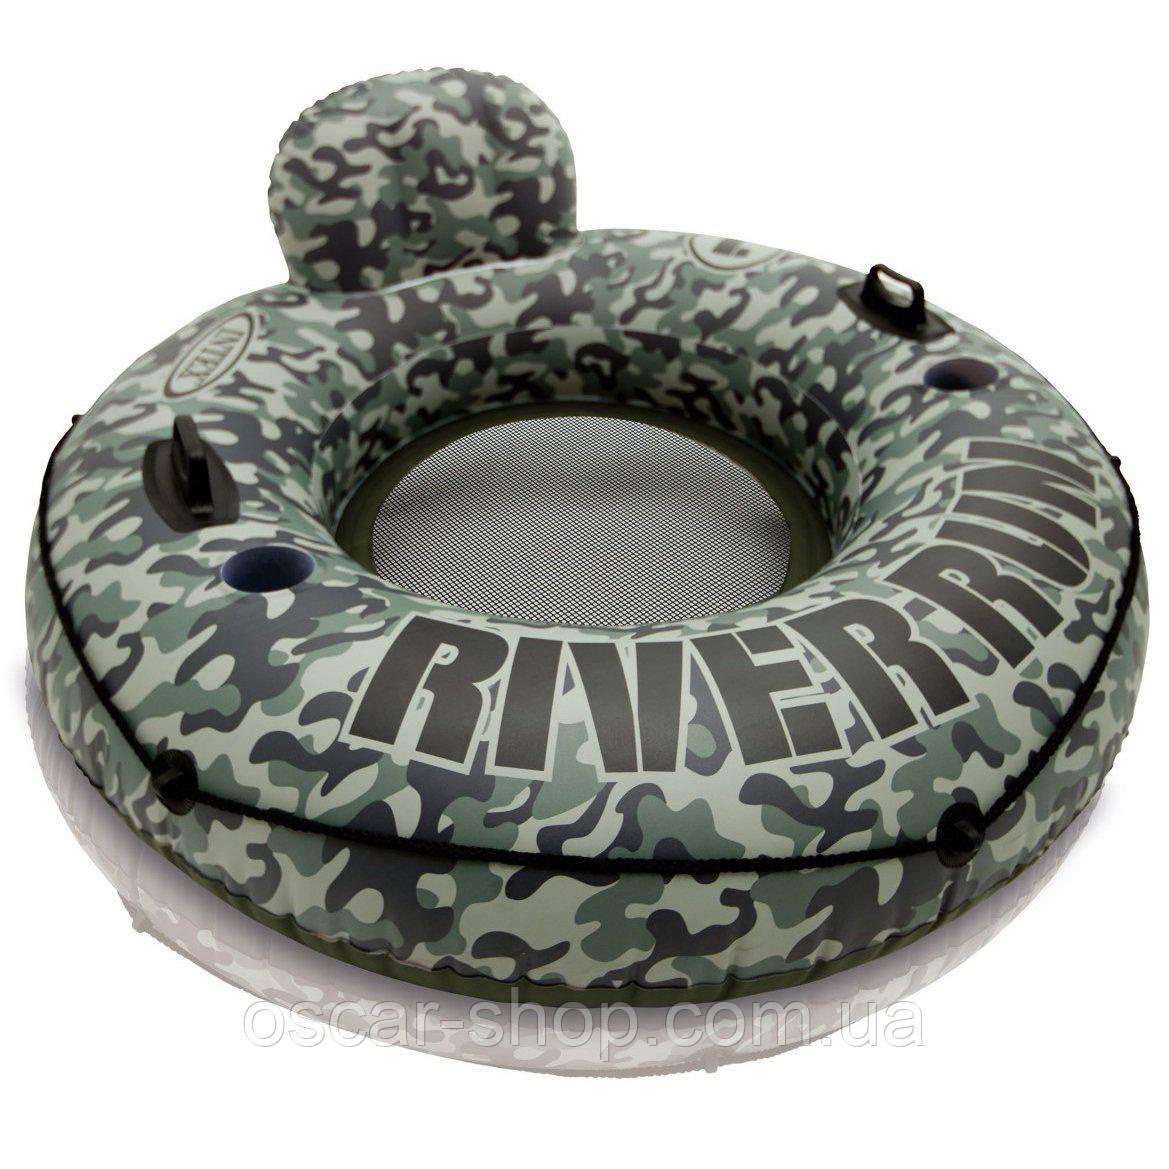 Кресло-круг надувное для плавания / Надувной плавательный круг / Надувной круг для бассейна